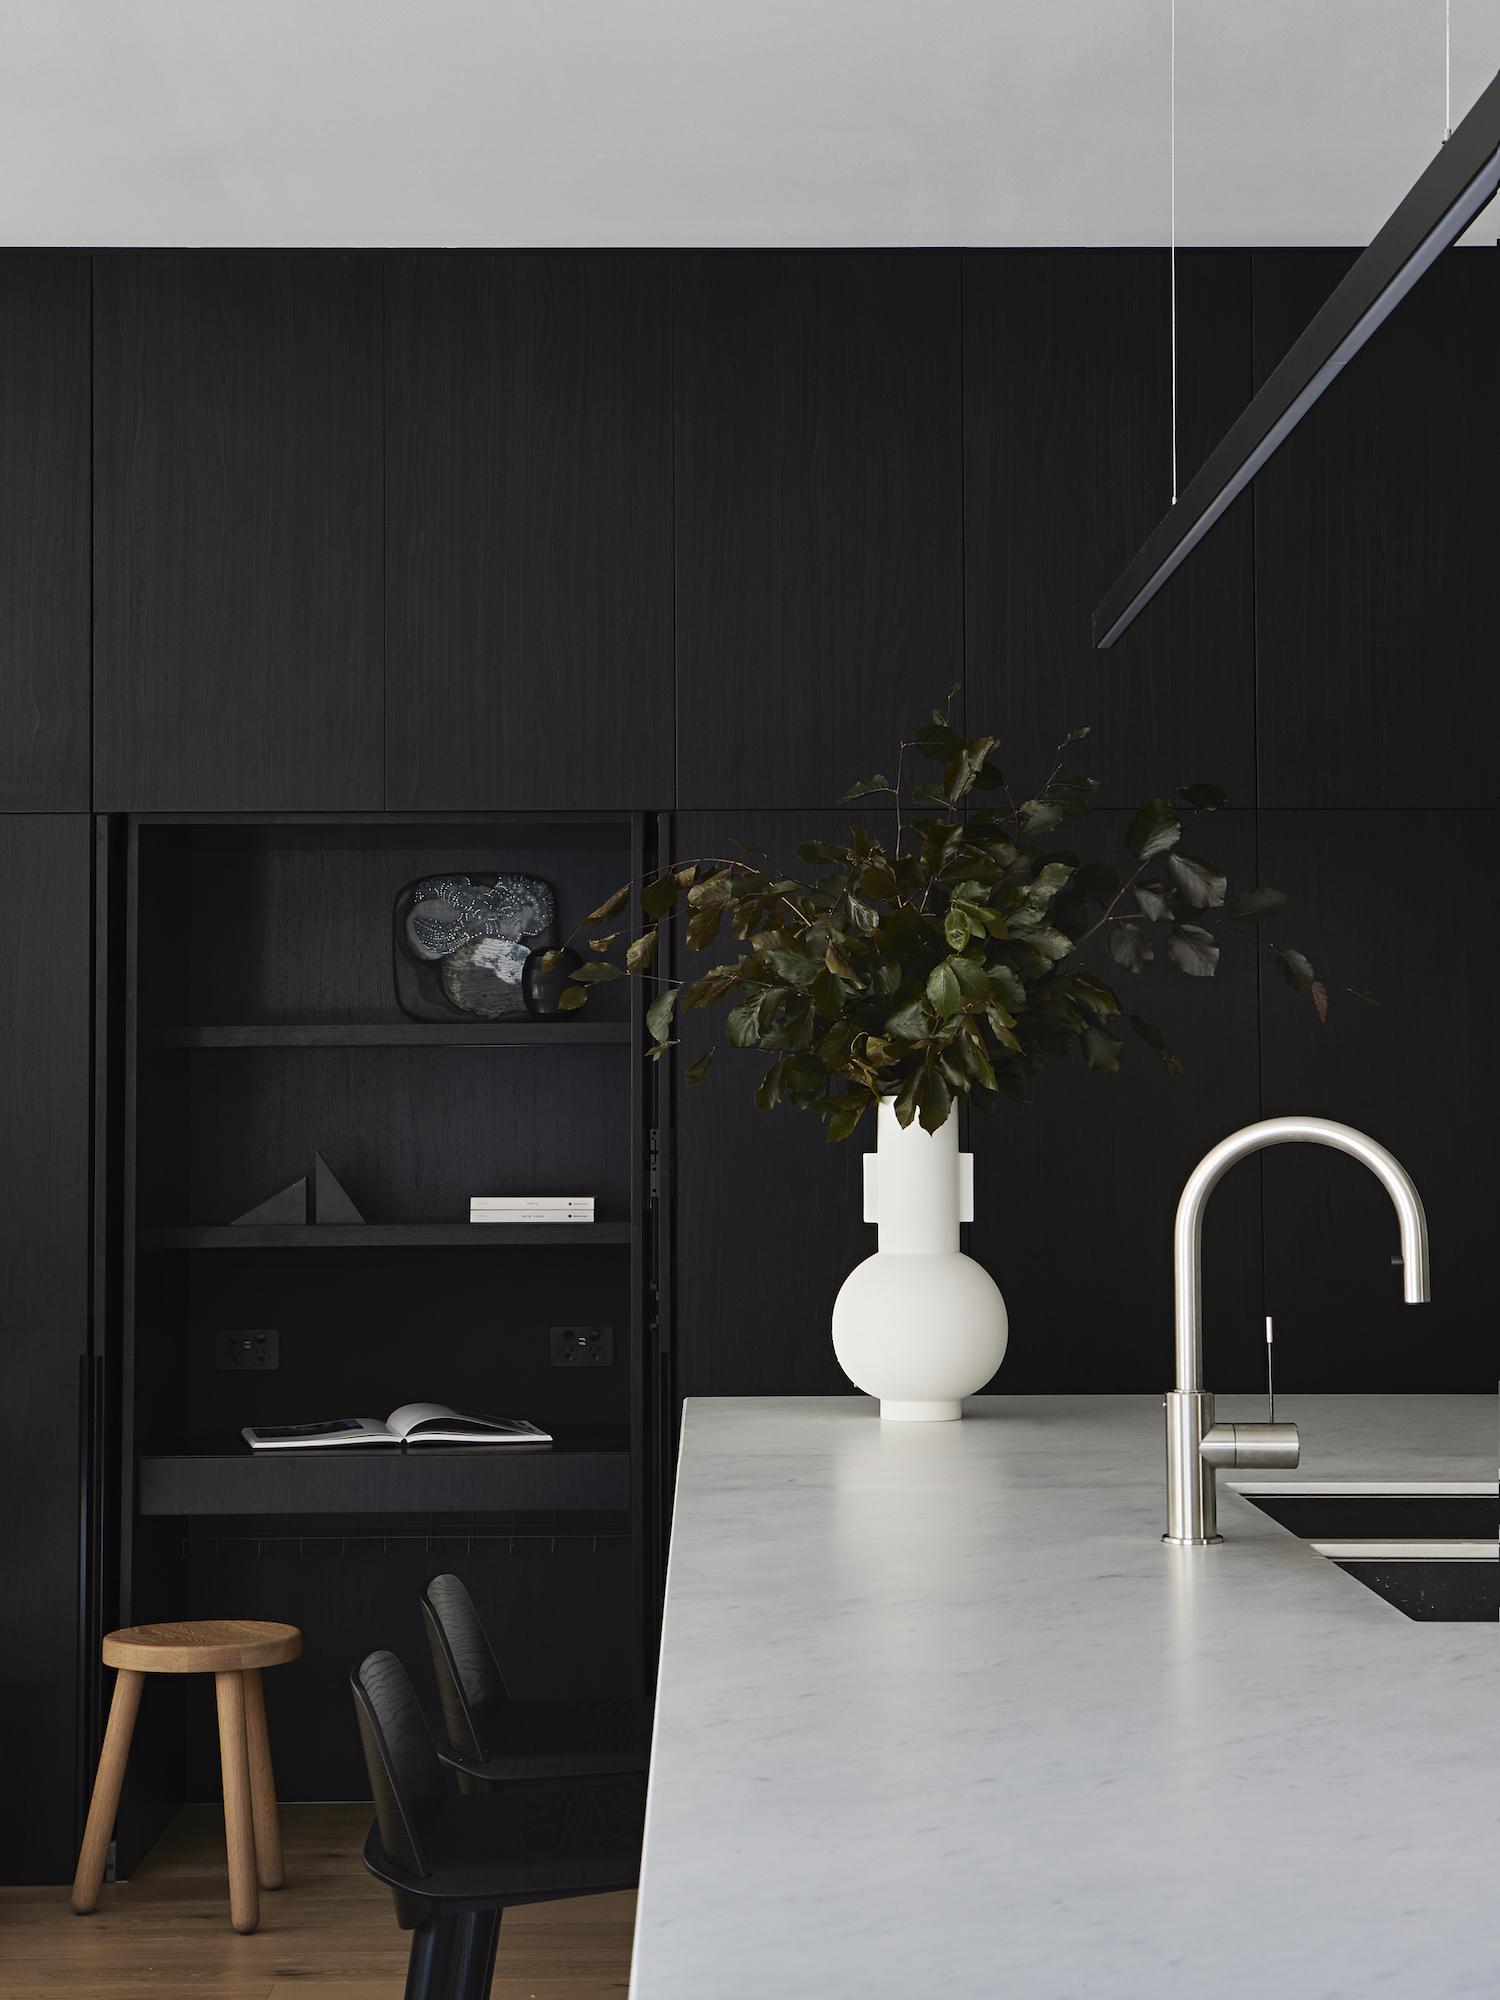 est living studio griffiths brighton residence 13